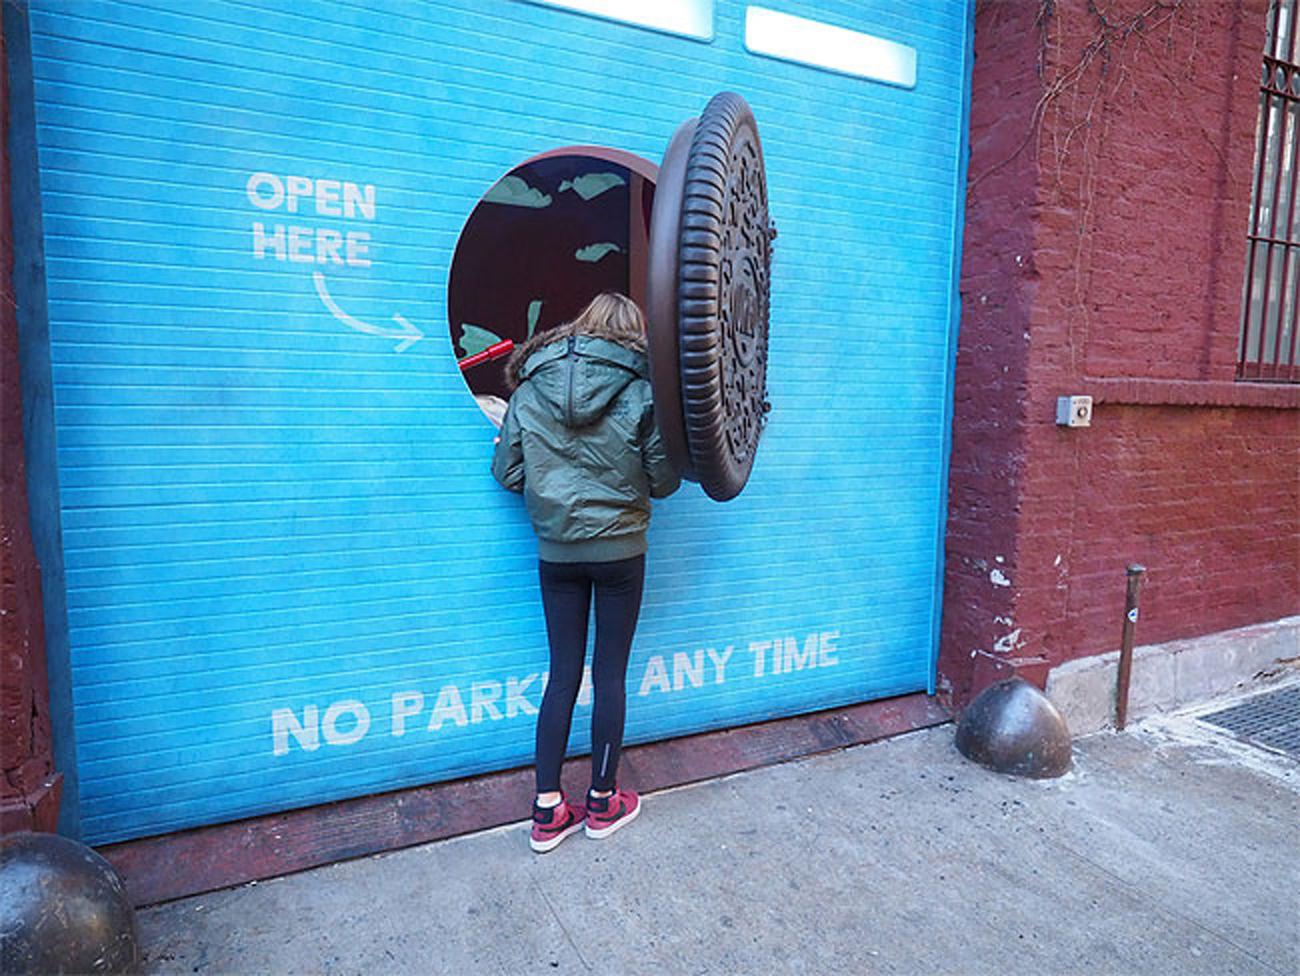 Oreo Wonder Vault open